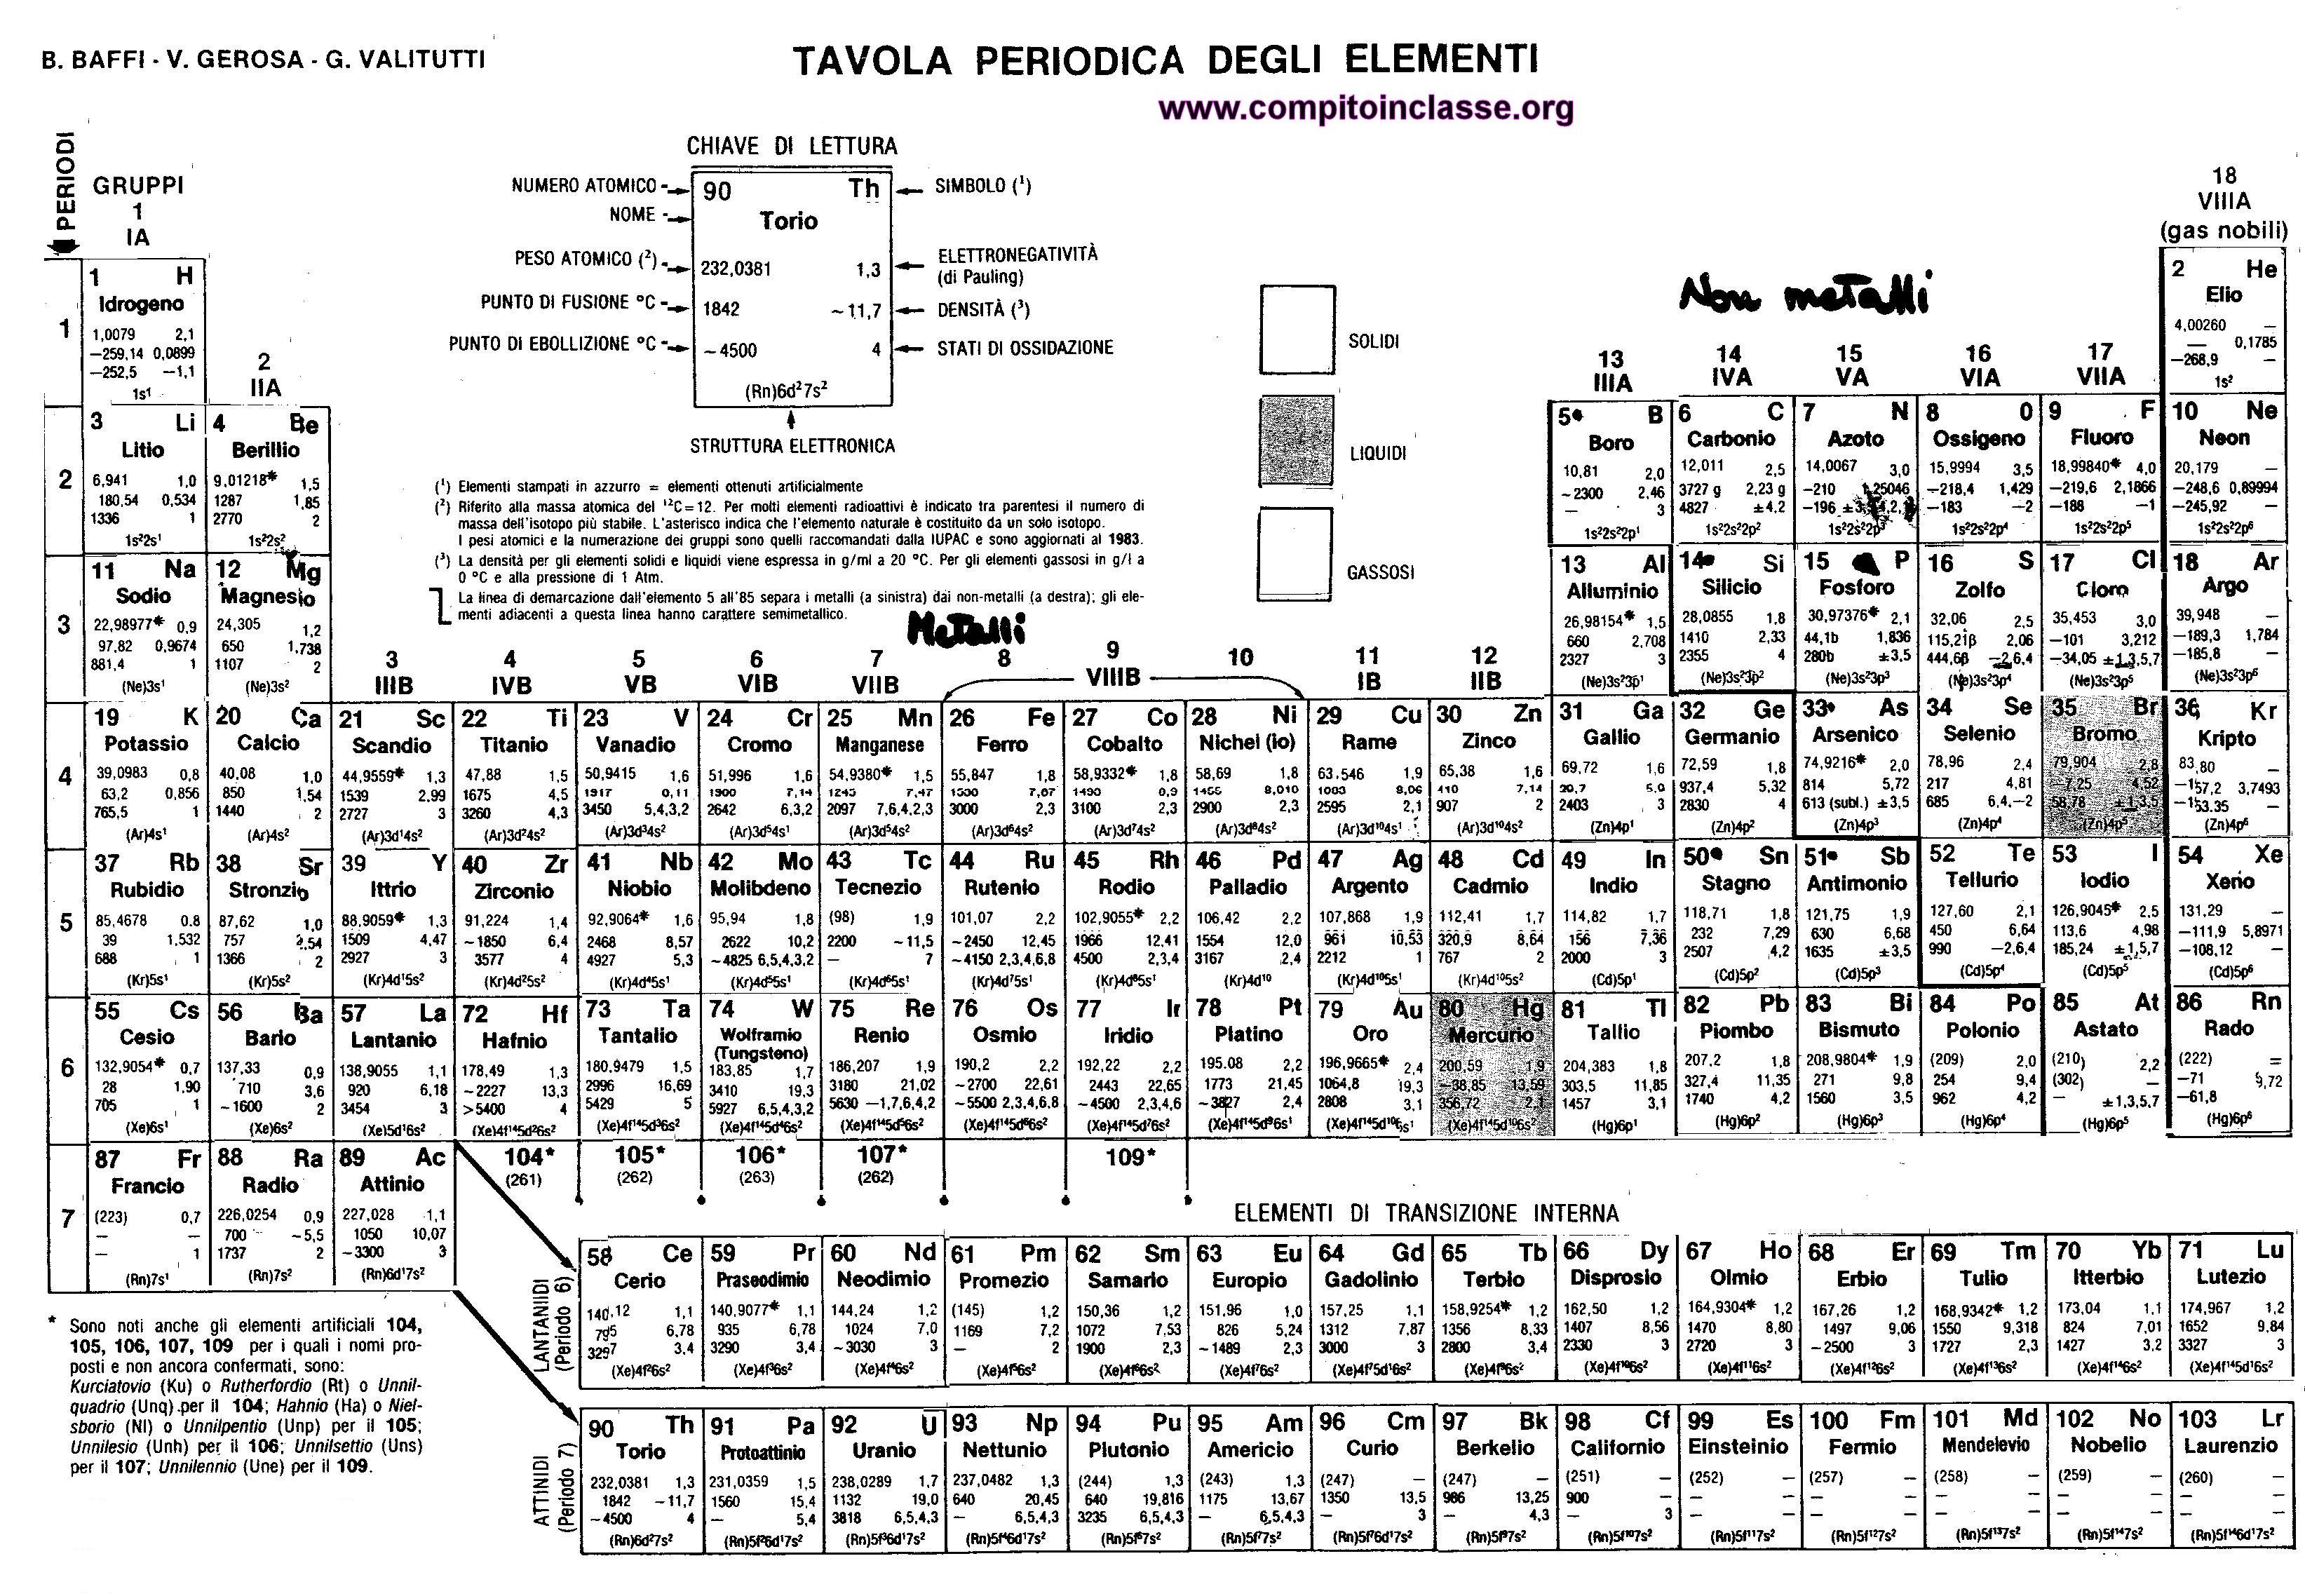 Tavola periodica - Tavola numeri di ossidazione ...